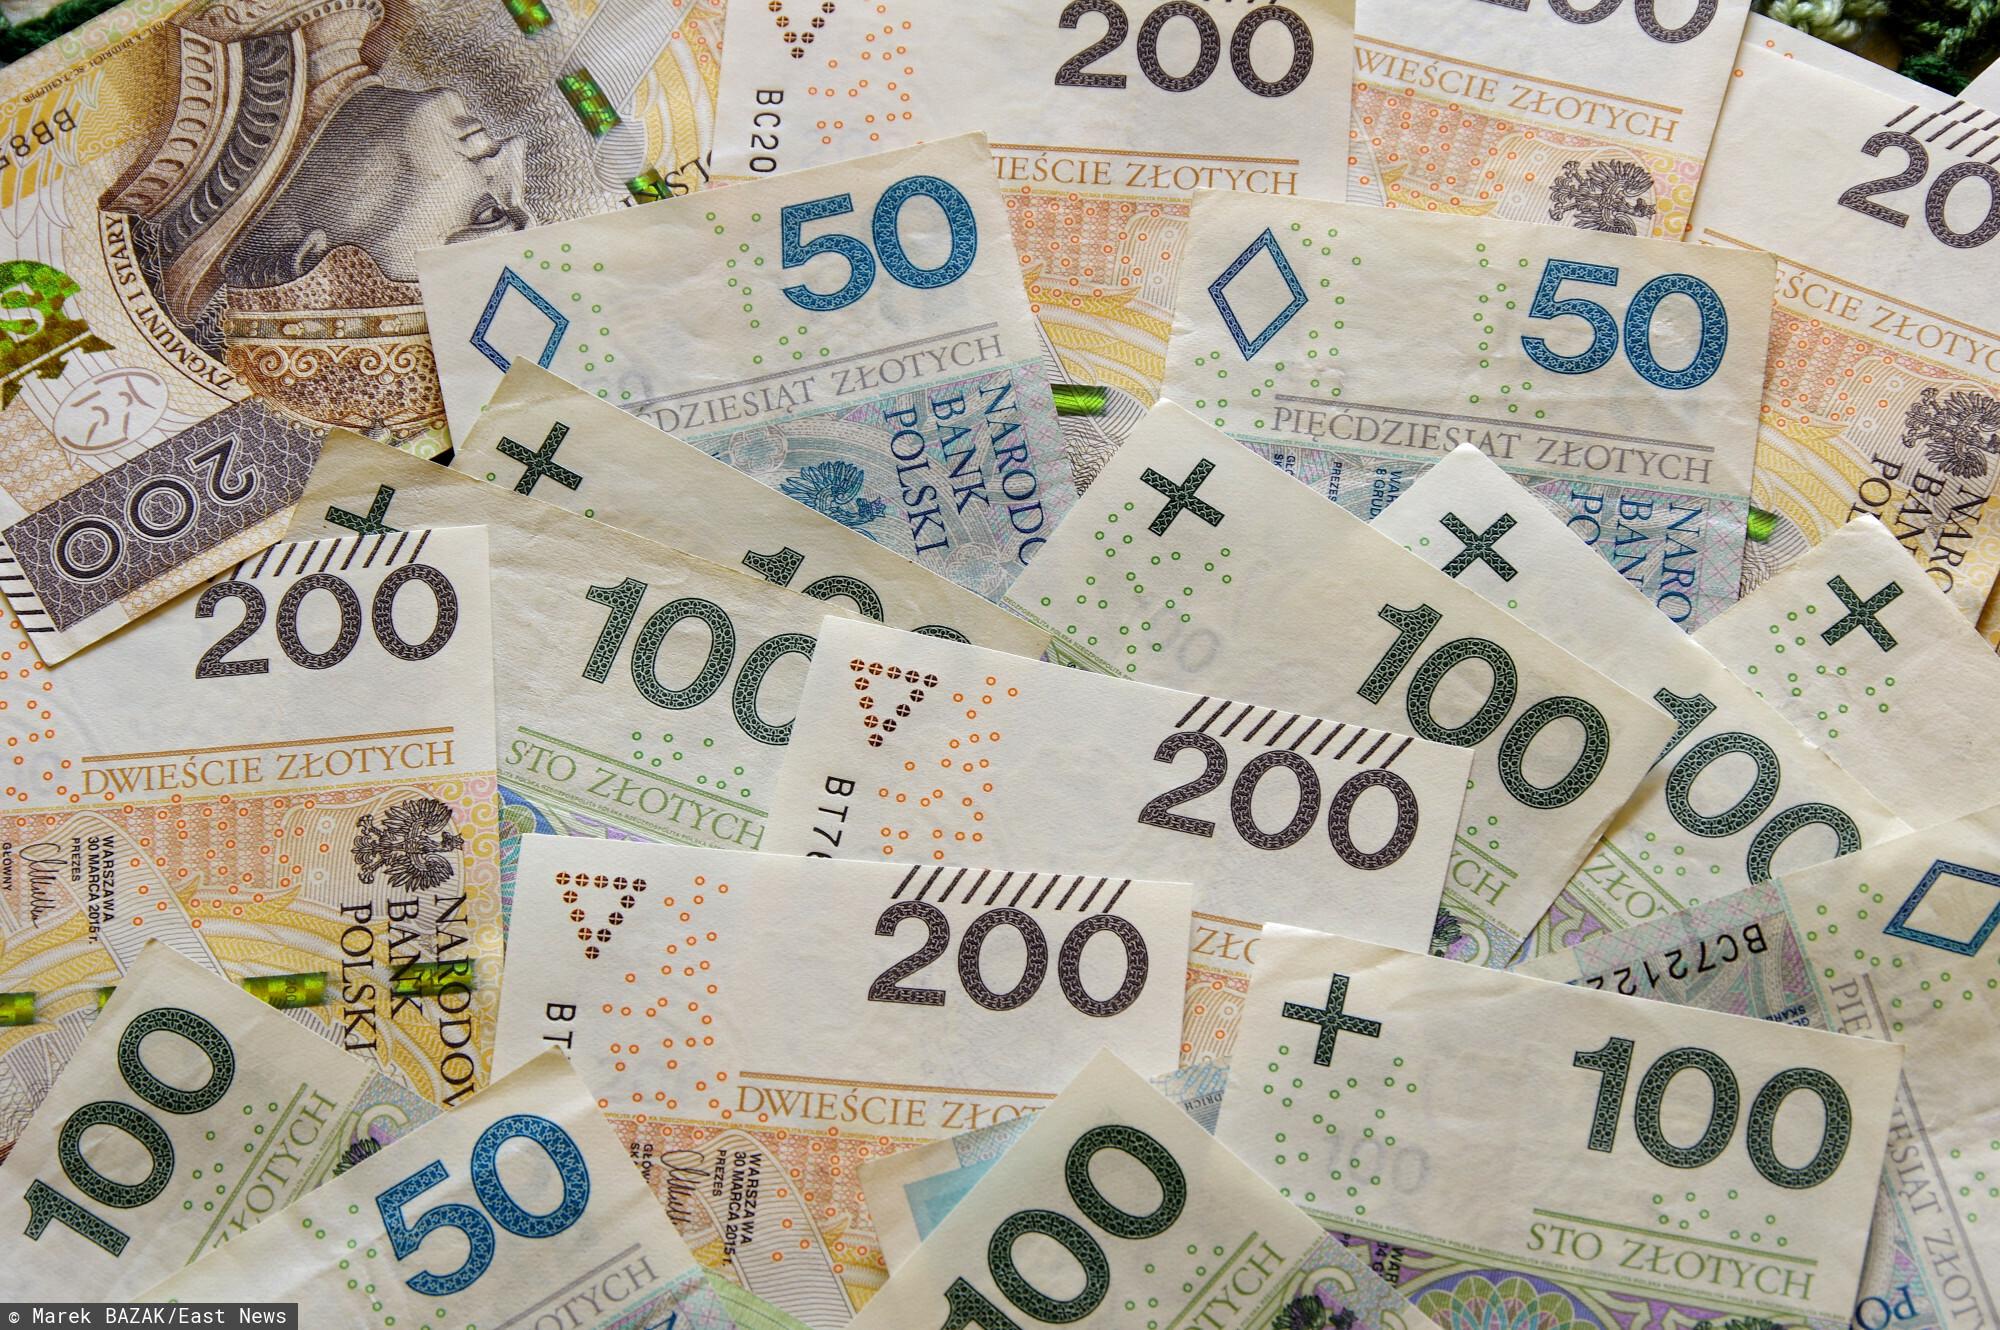 Pieniadze, banknoty o nominale 50 zl, 100 zl, 200 zl.